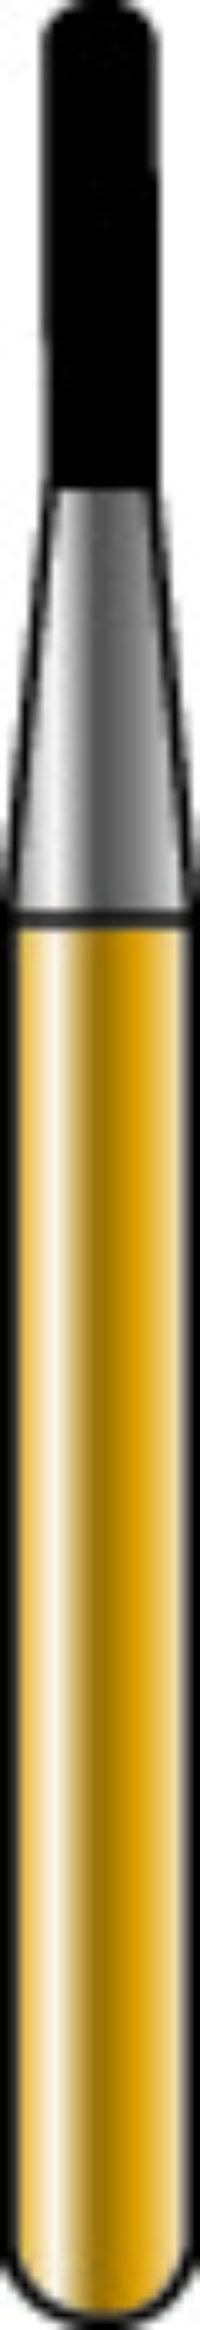 Cylinder Round End X-Cut Golden Sharpie